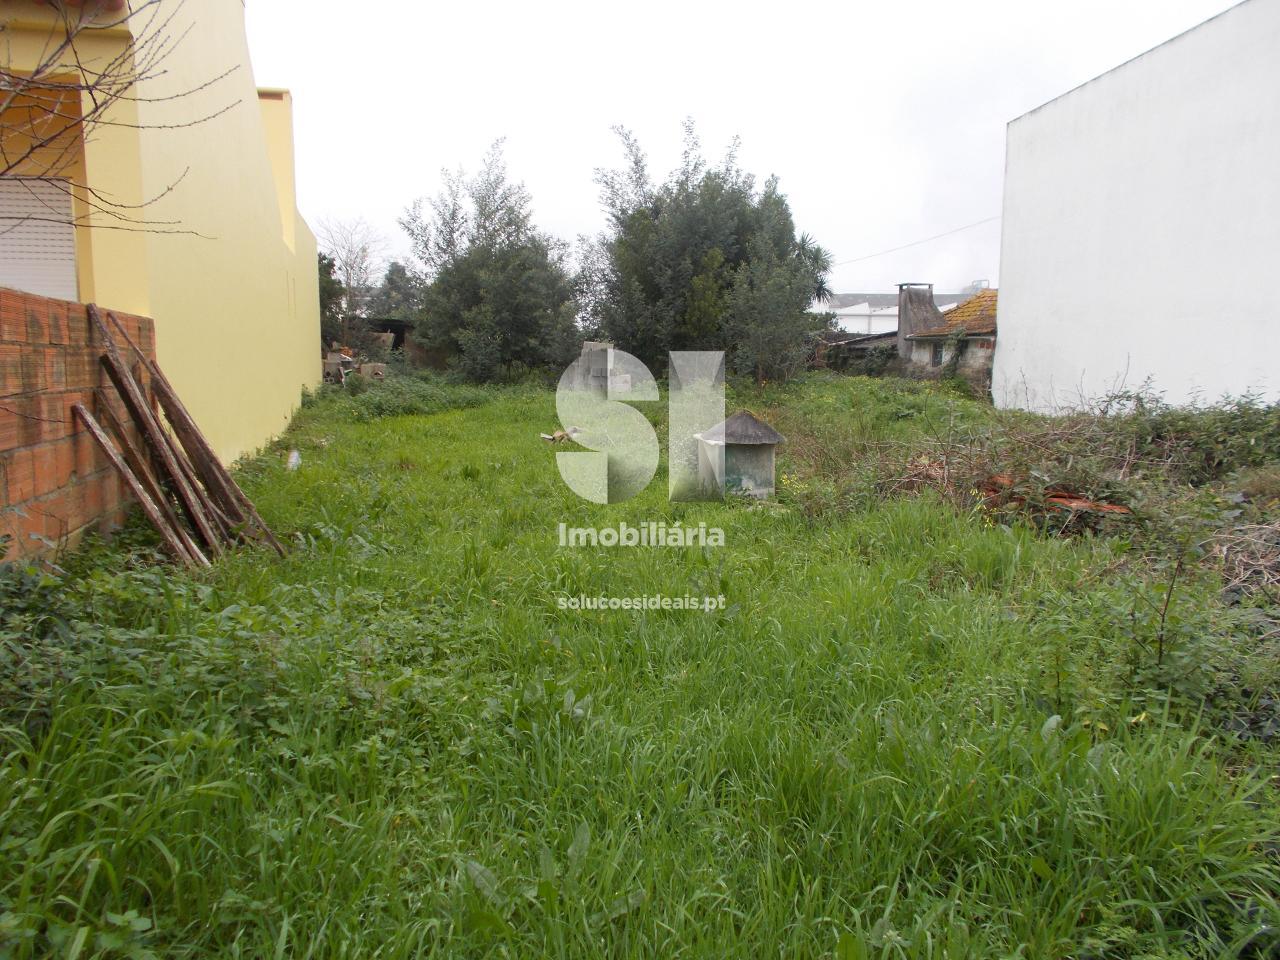 terreno para compra em aveiro cacia AVGDG1735